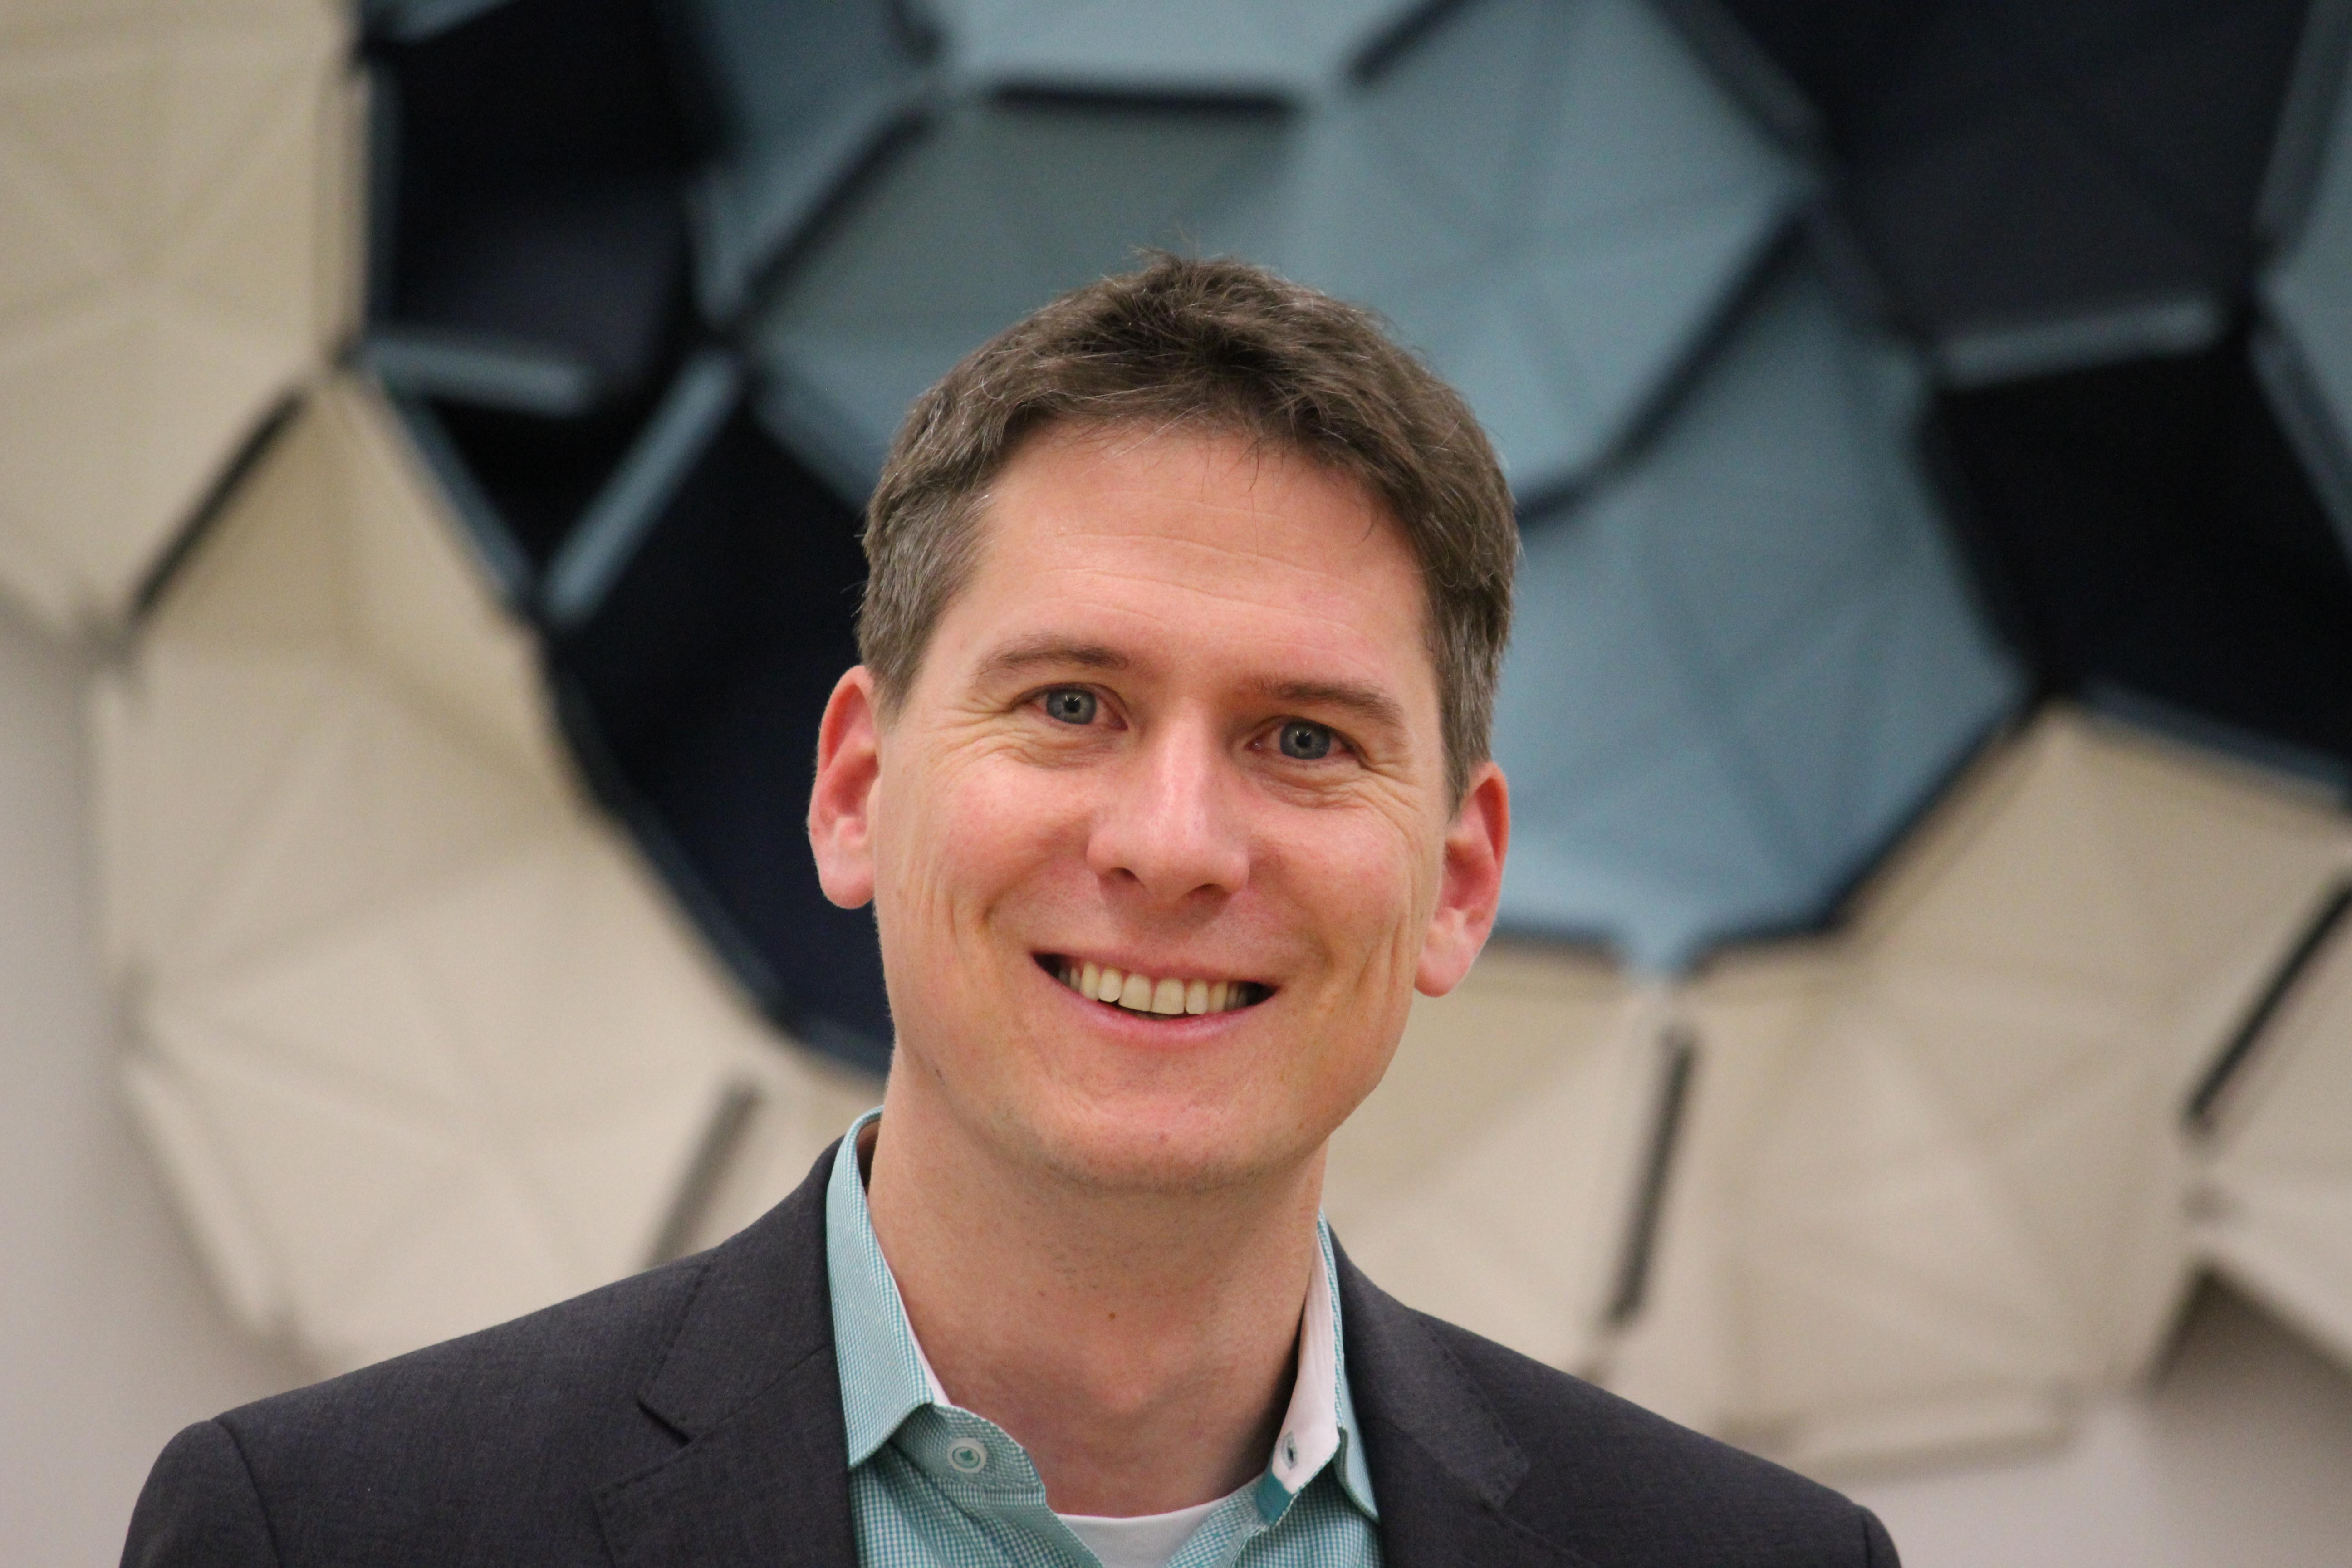 Prof. Dr. Wilke Hammerschmidt